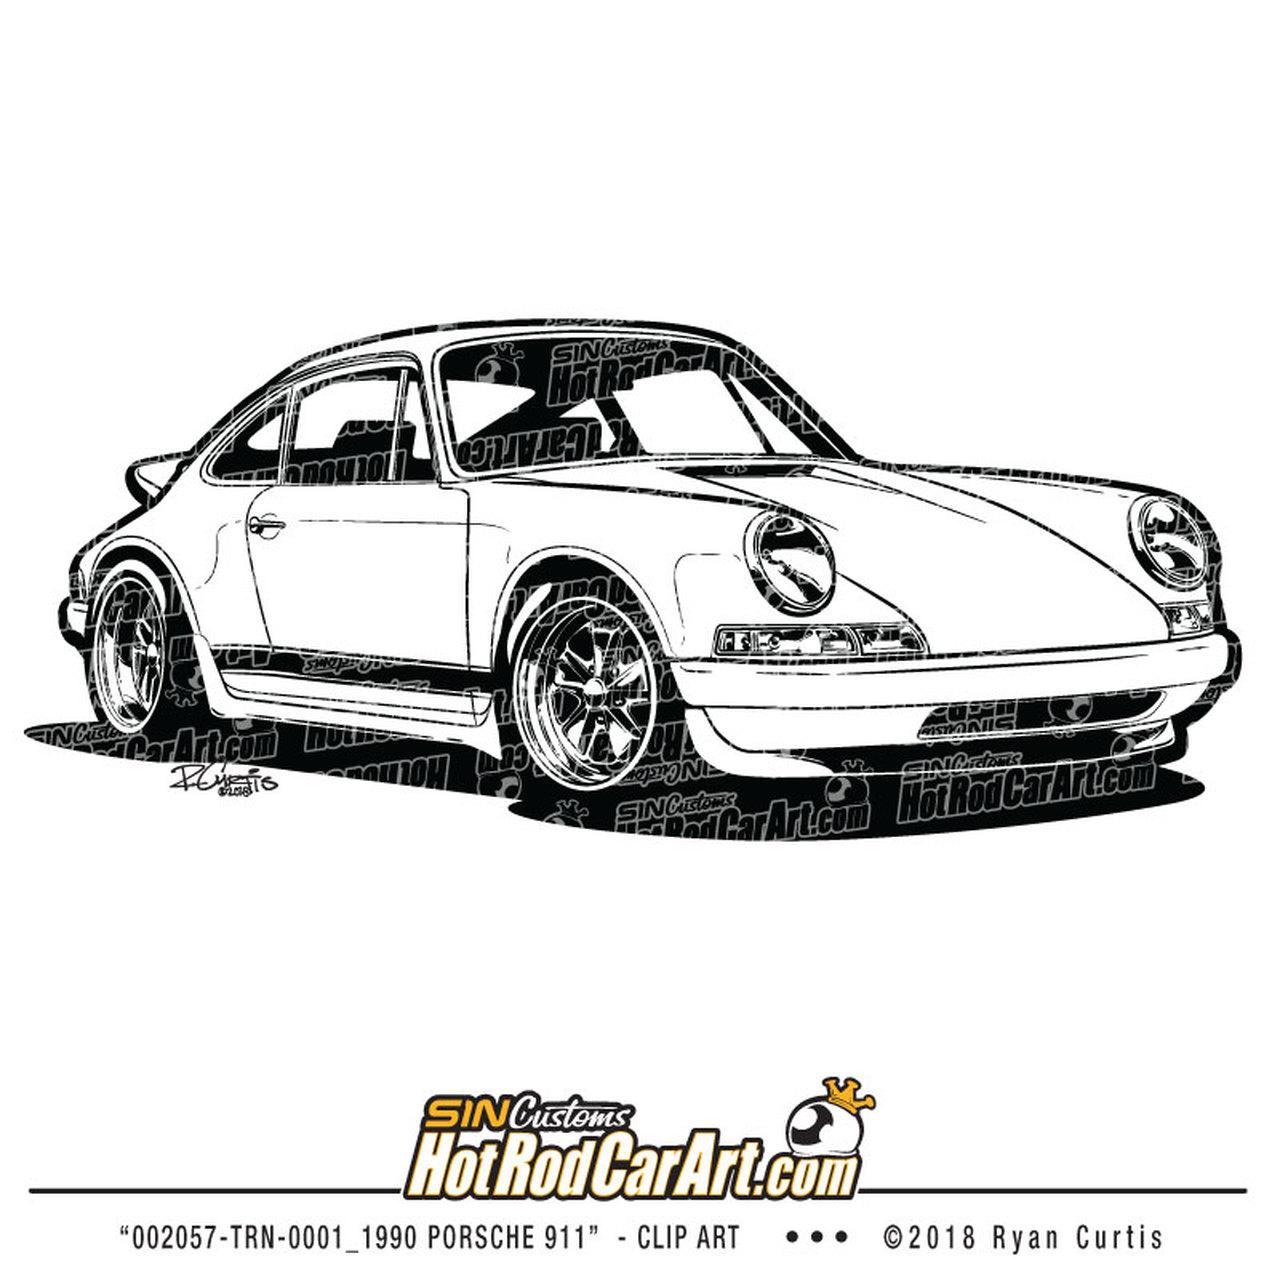 1990 Porsche 911.